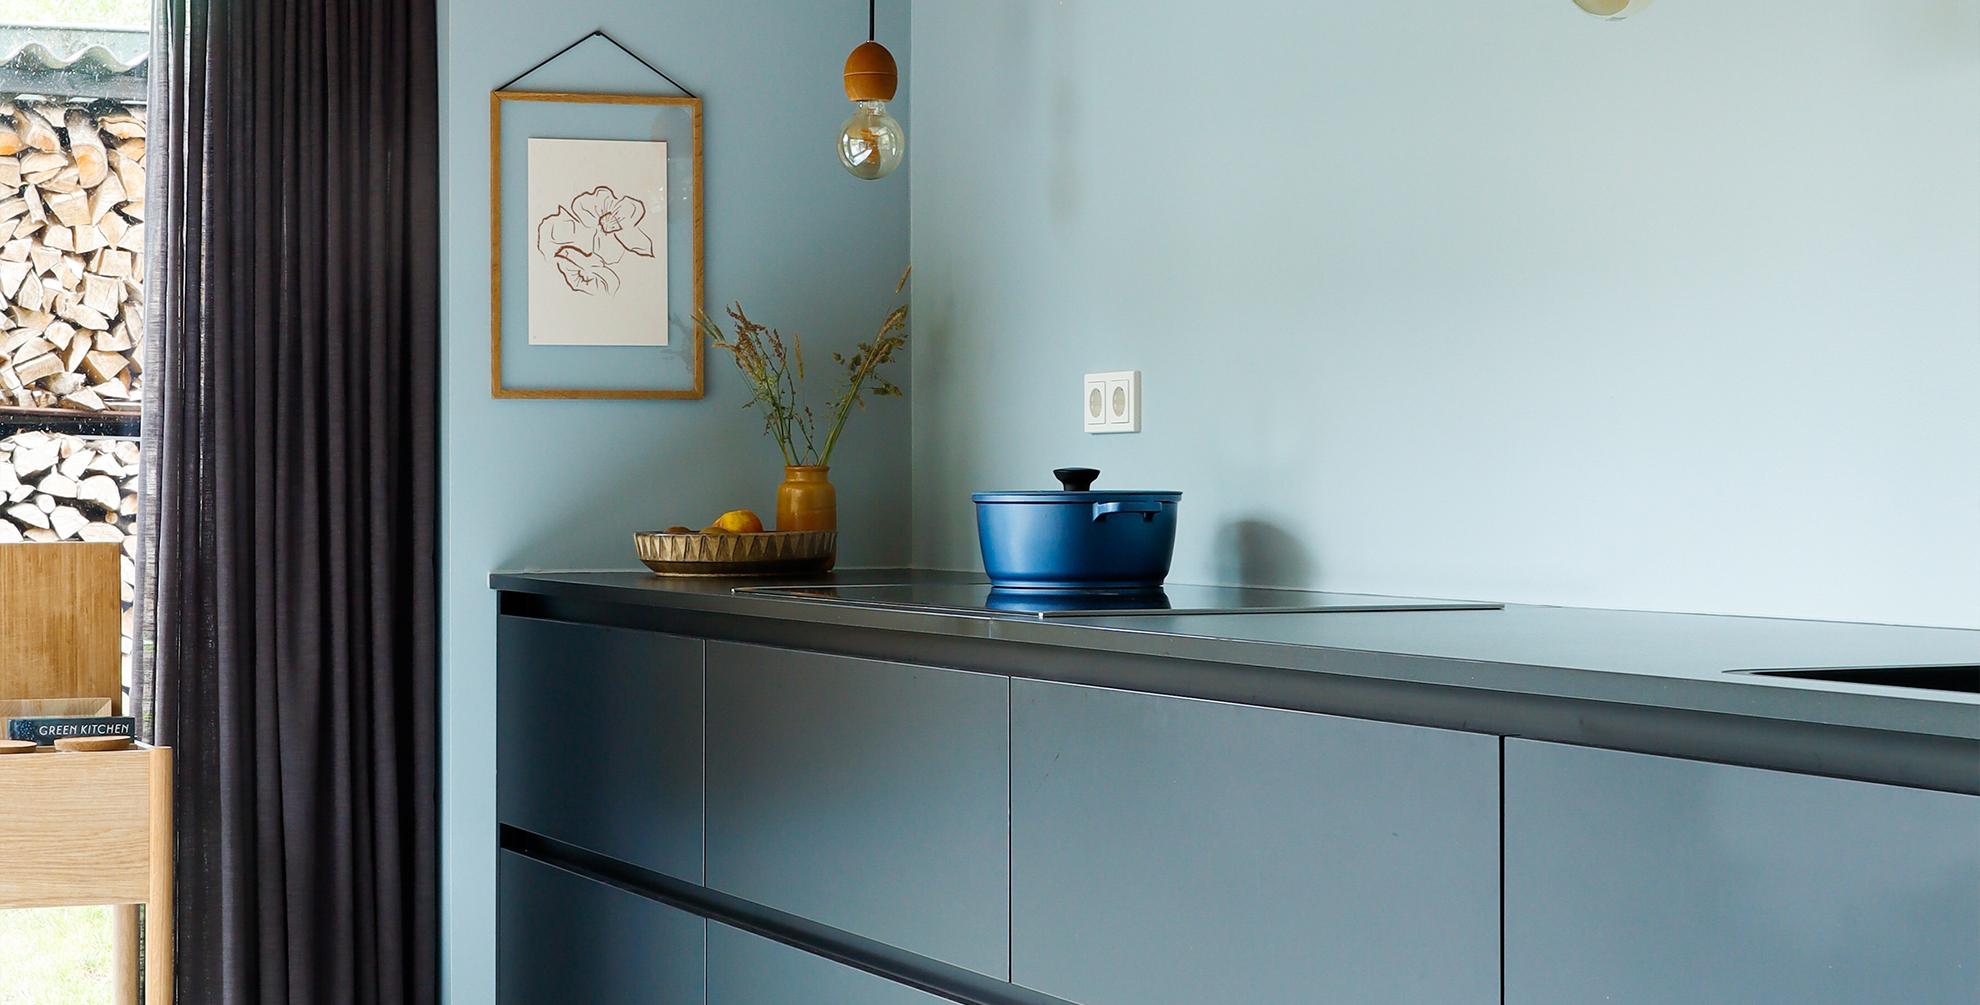 De keukenwand is een alleskunner